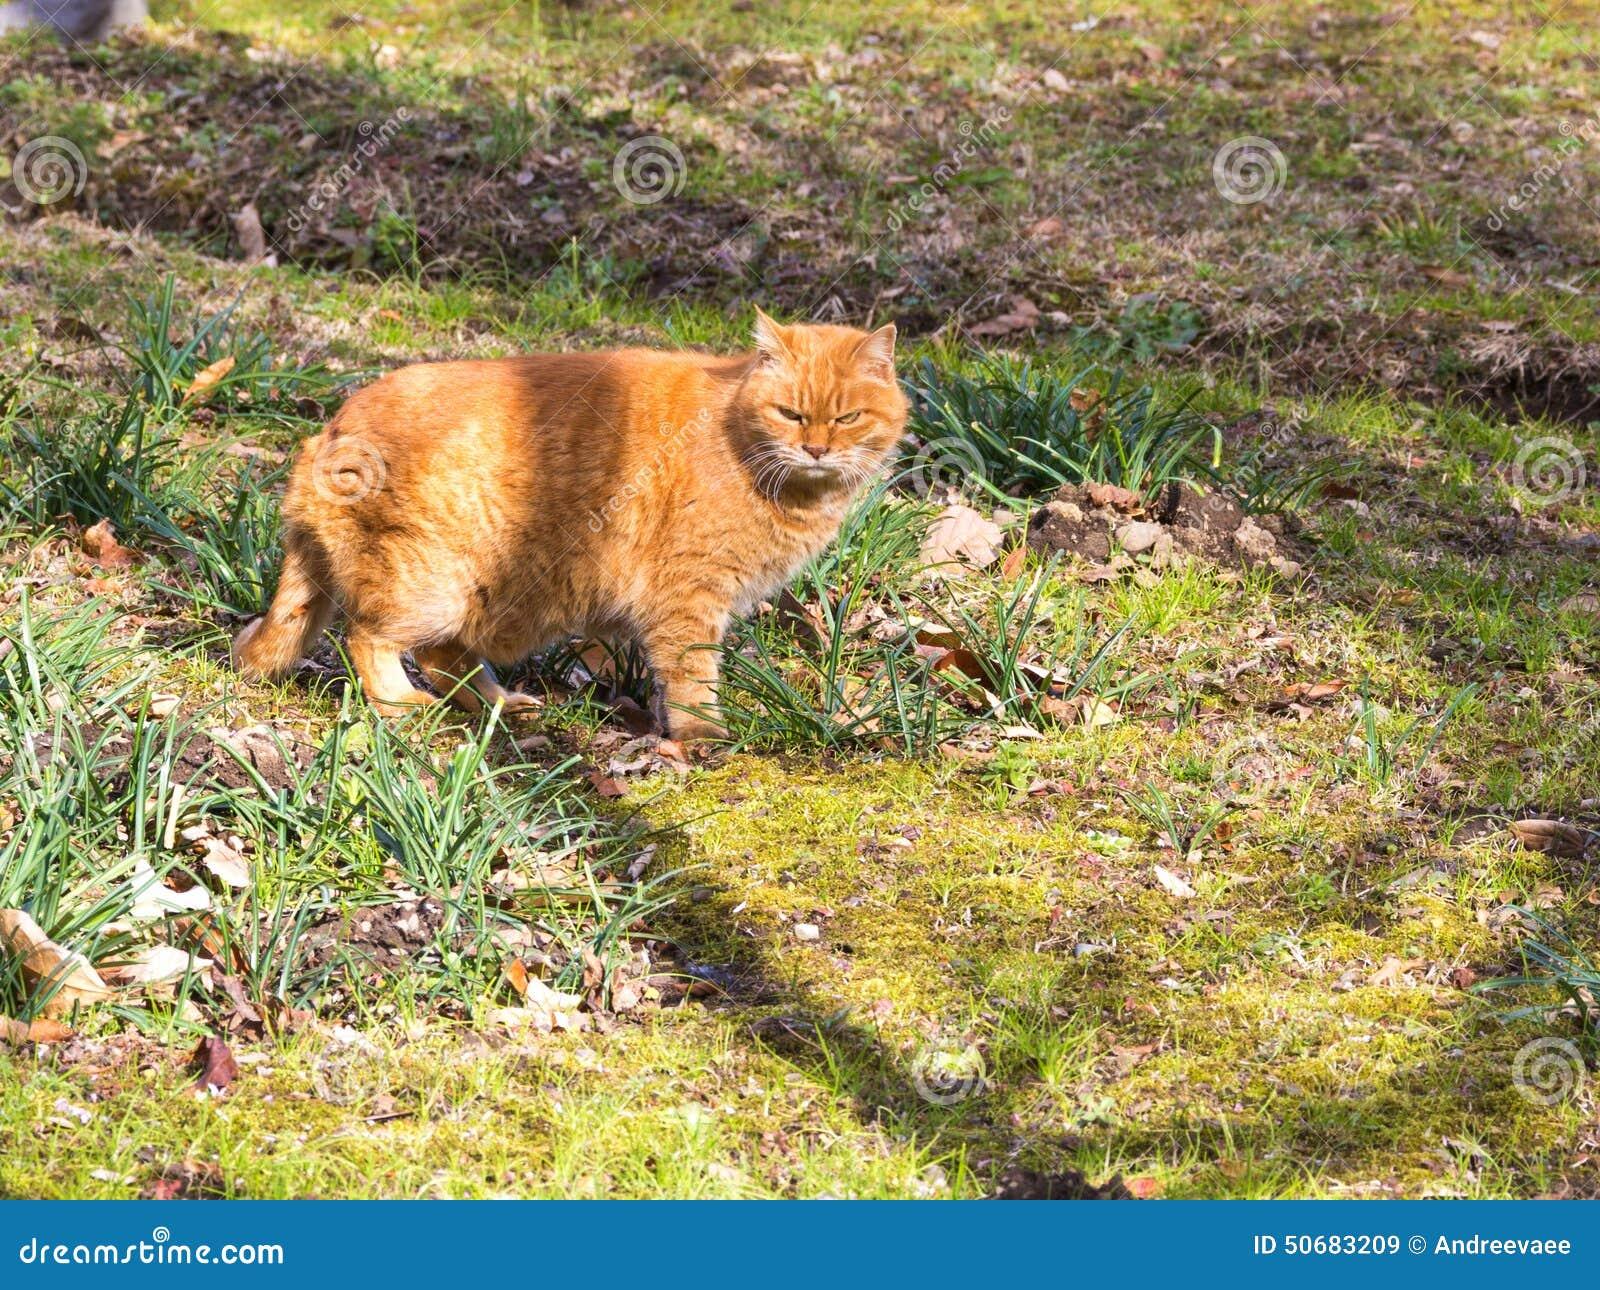 Download 红色猫 库存图片. 图片 包括有 表面, 户外, 红色, 橙色, 面部, 哺乳动物, 毛皮, 茴香, 纯血统 - 50683209